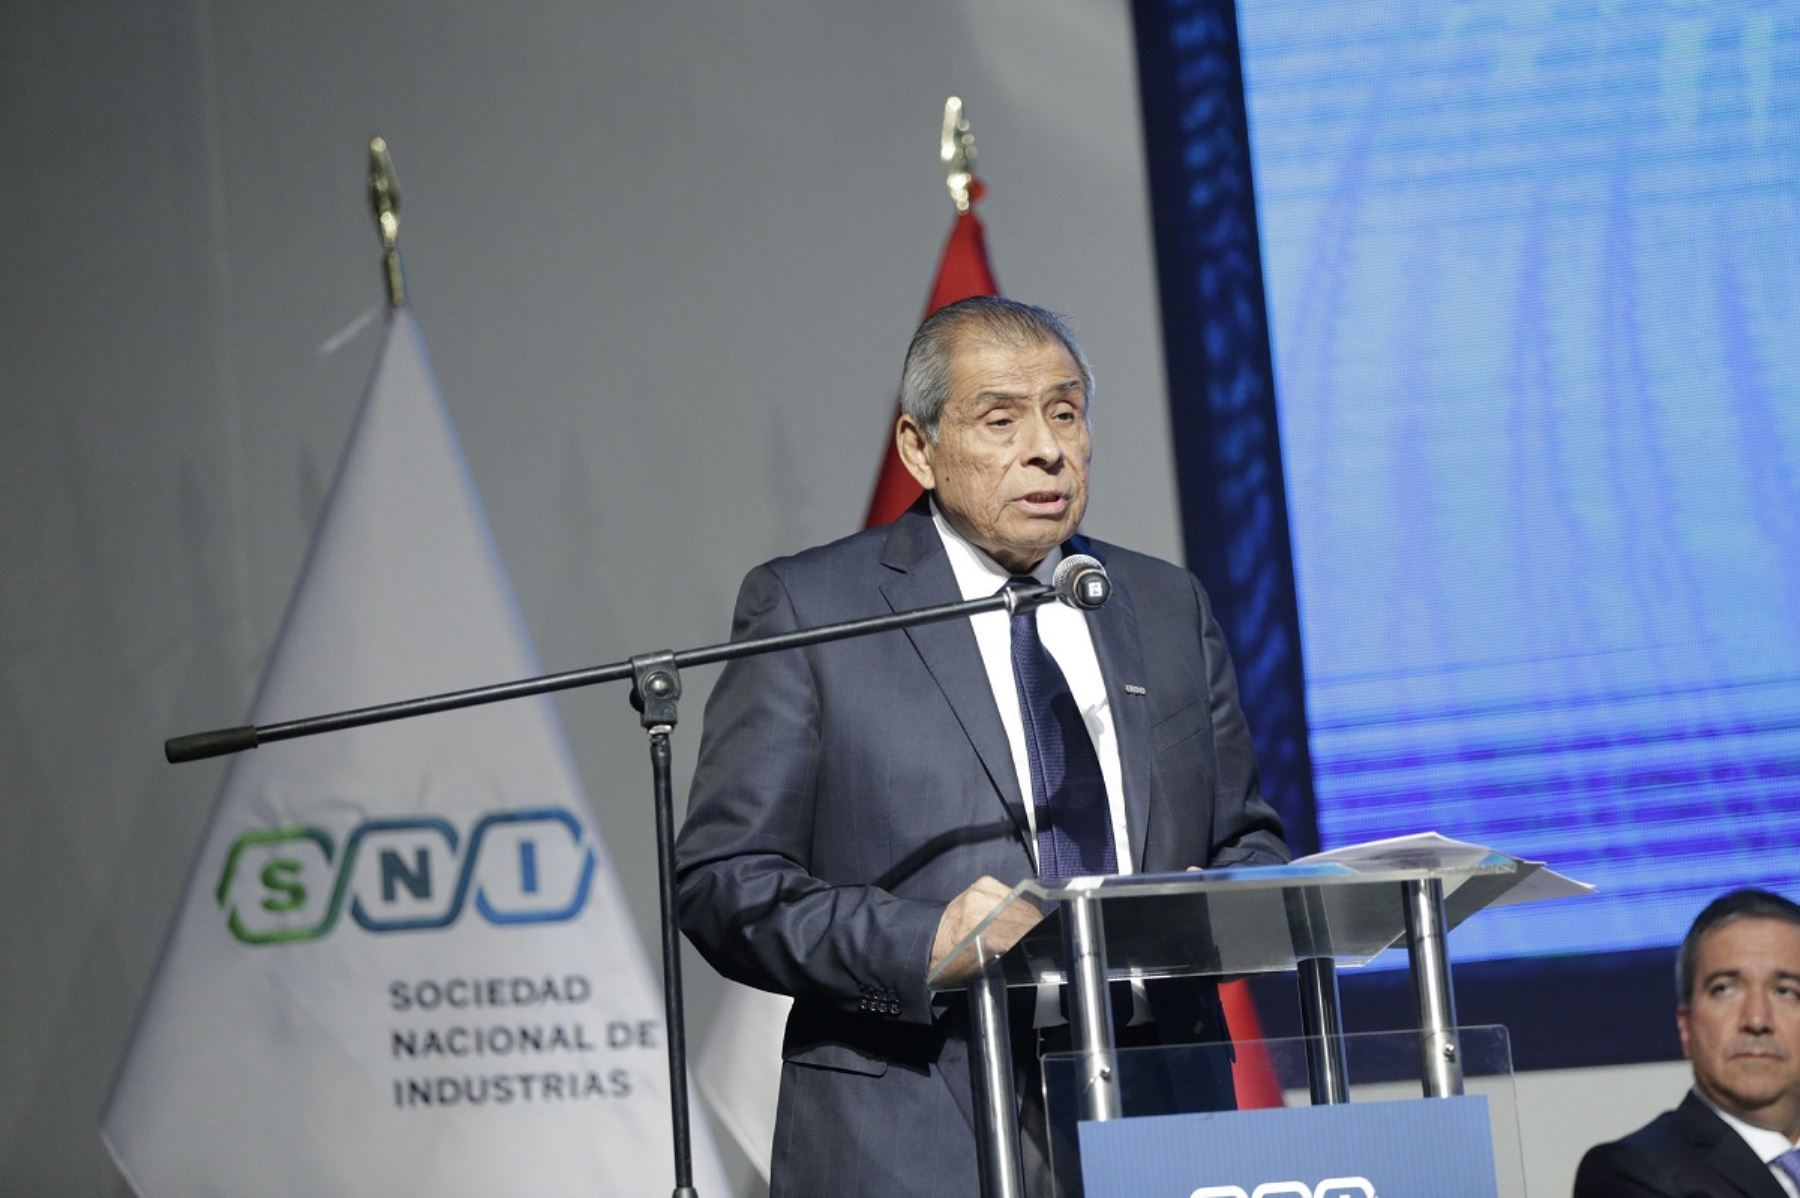 Presidente de la SNI, Ricardo Márquez. Foto: Cortesía.